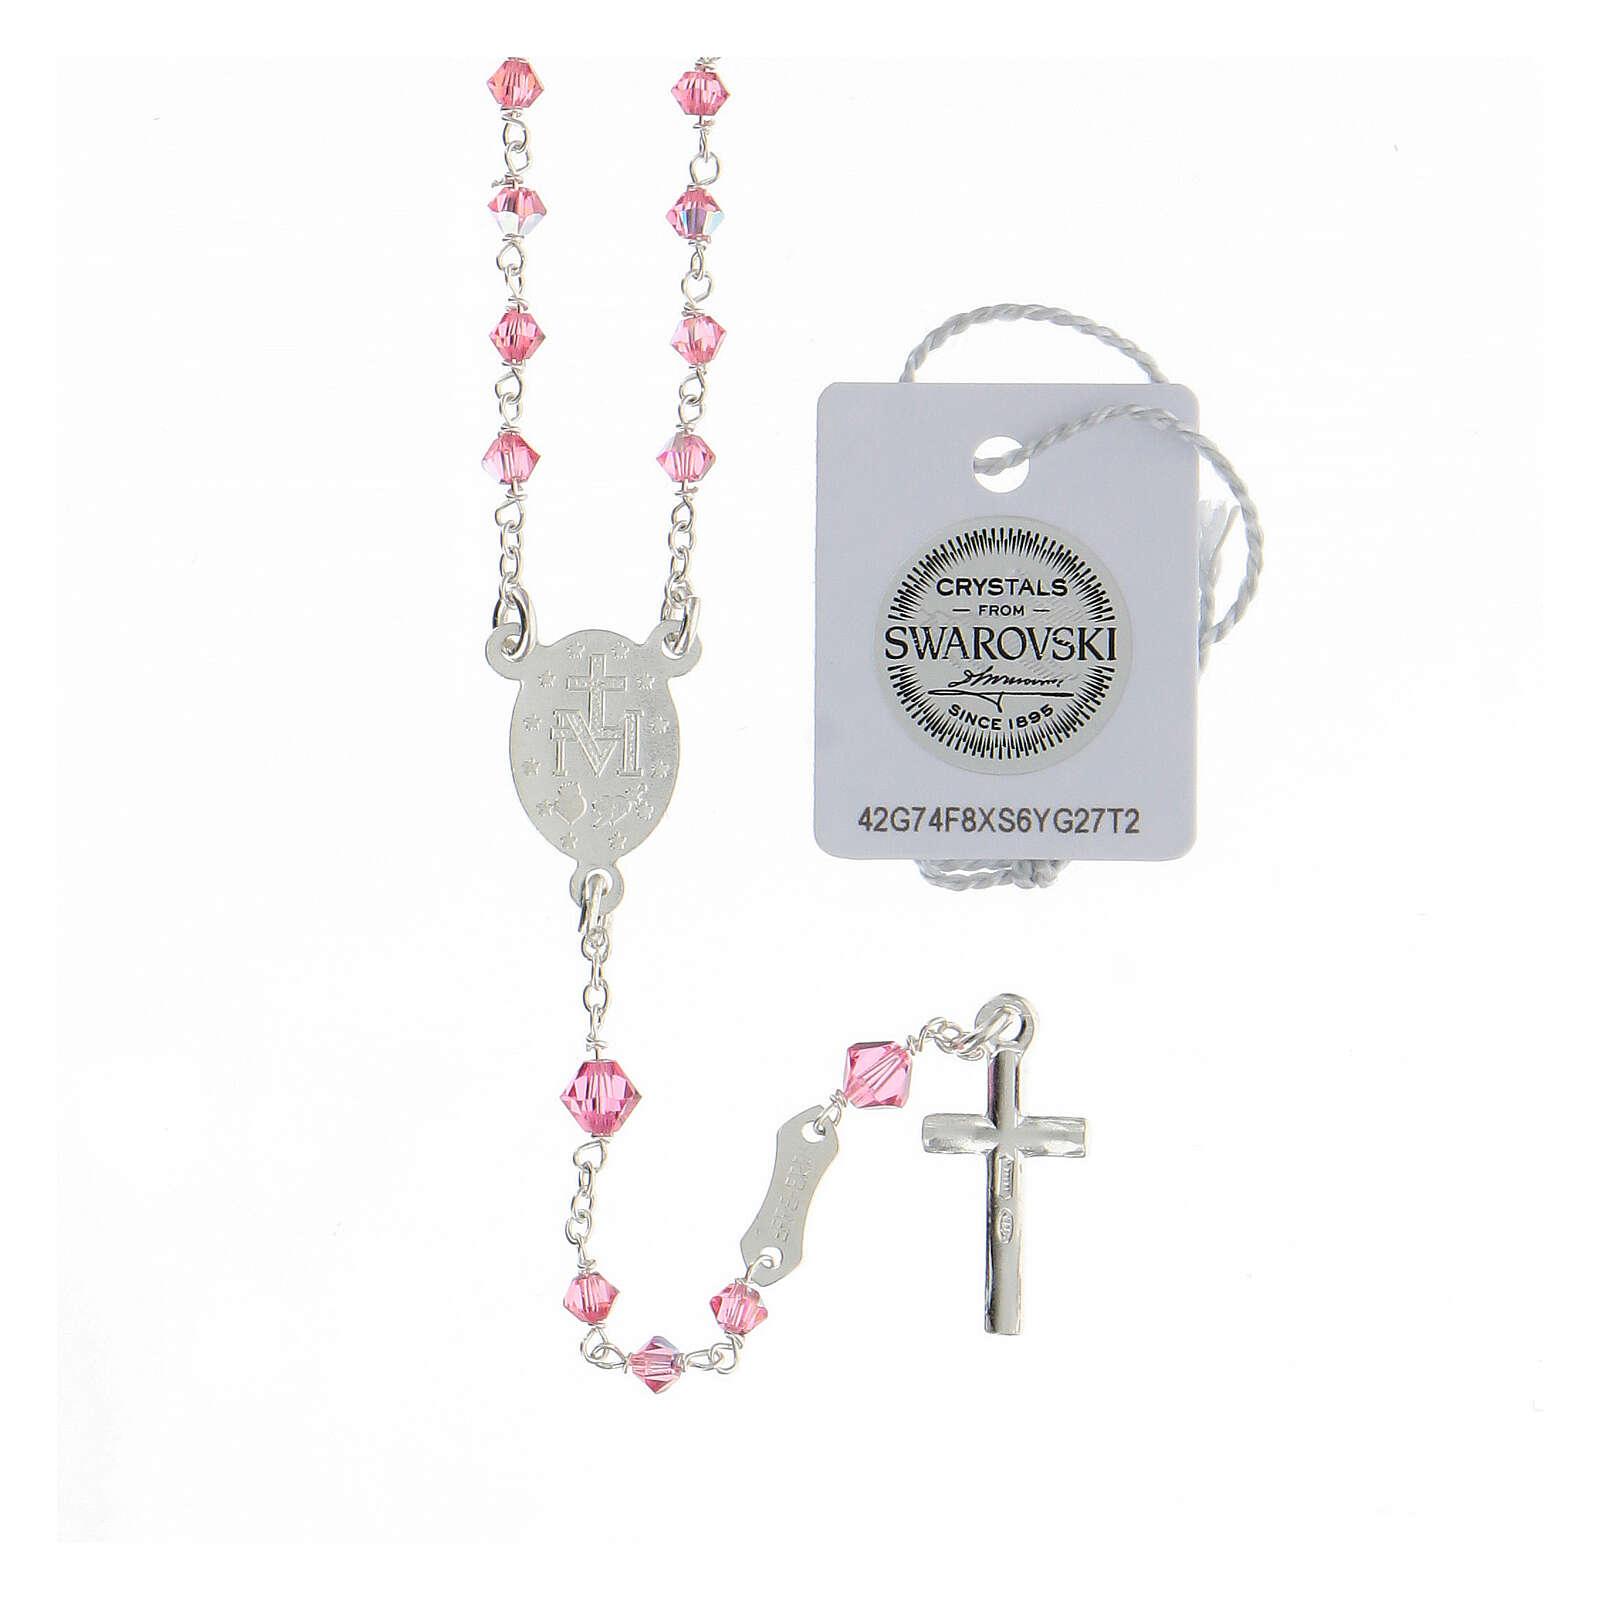 Terço prata 925 cristais Swarovski cor-de-rosa 3 mm com fecho mosquetão 4